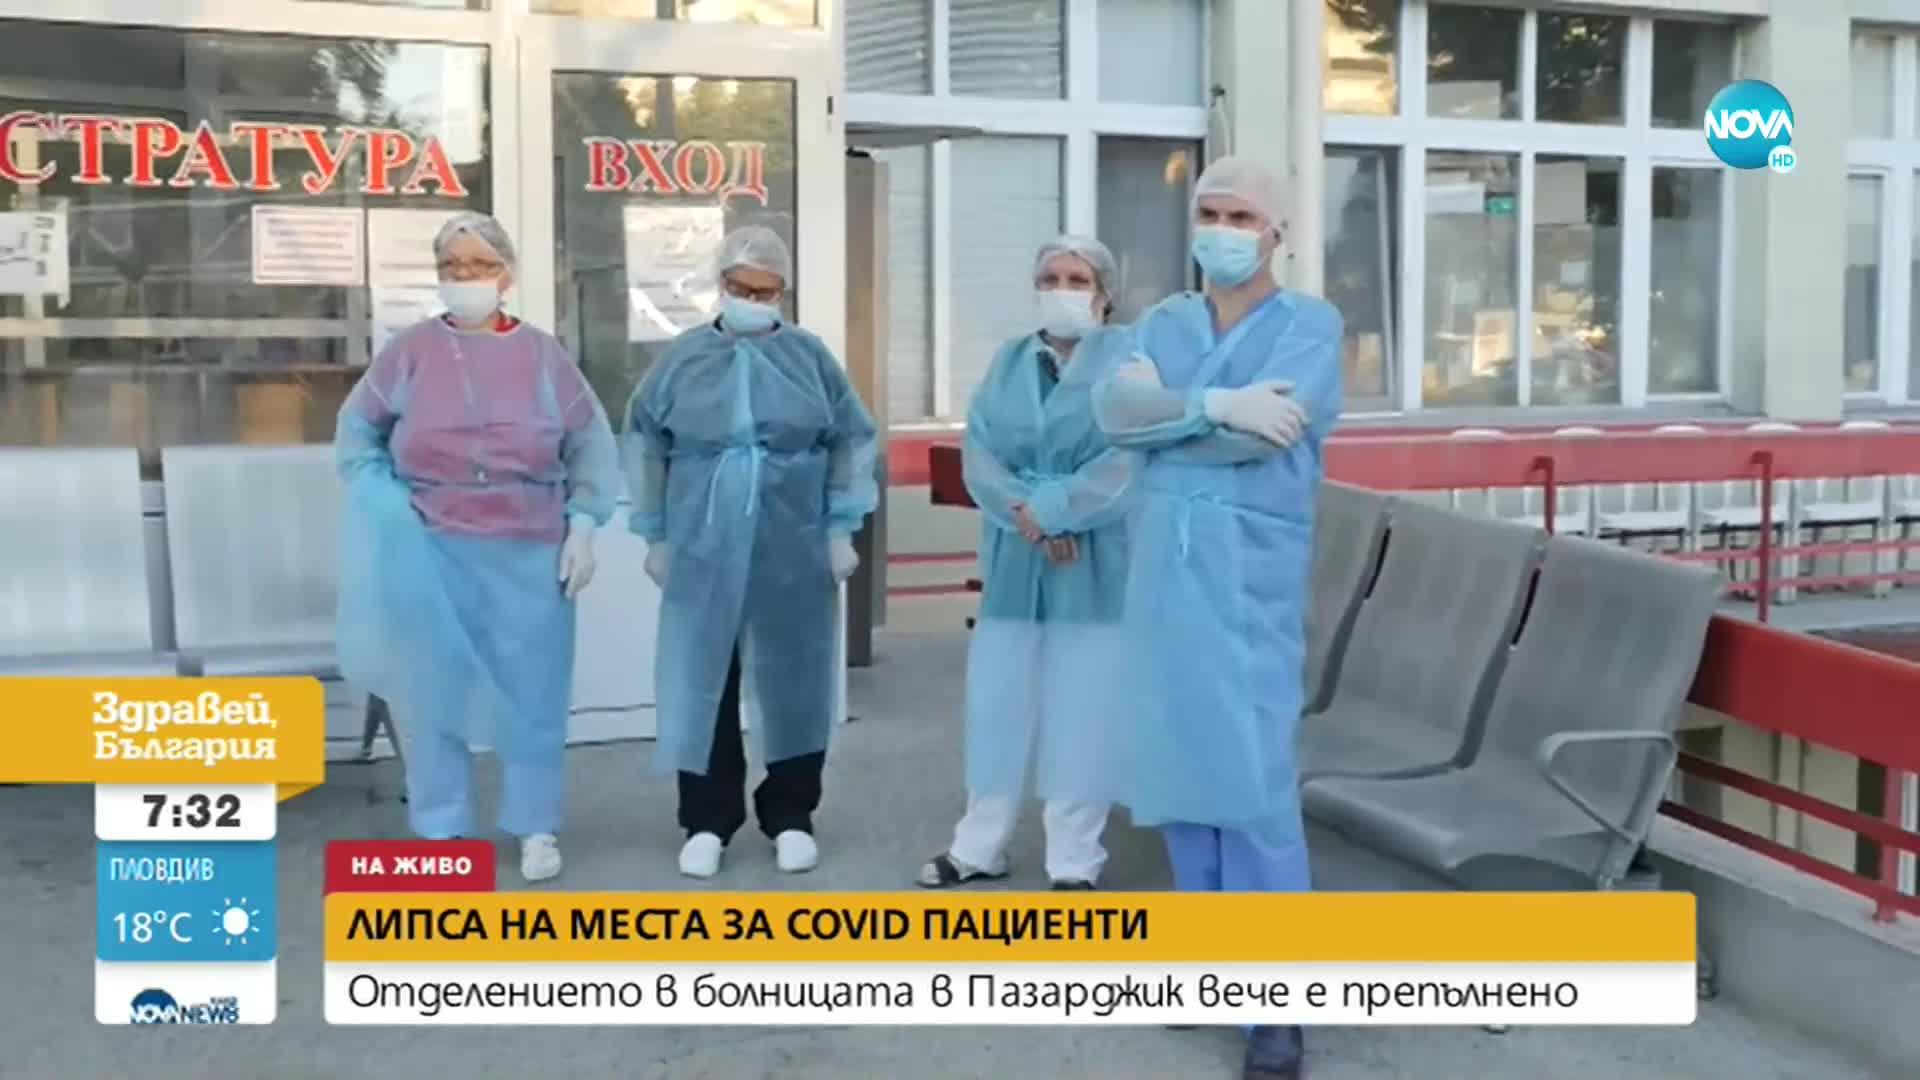 COVID отделението на болницата в Пазарджик вече е препълнено